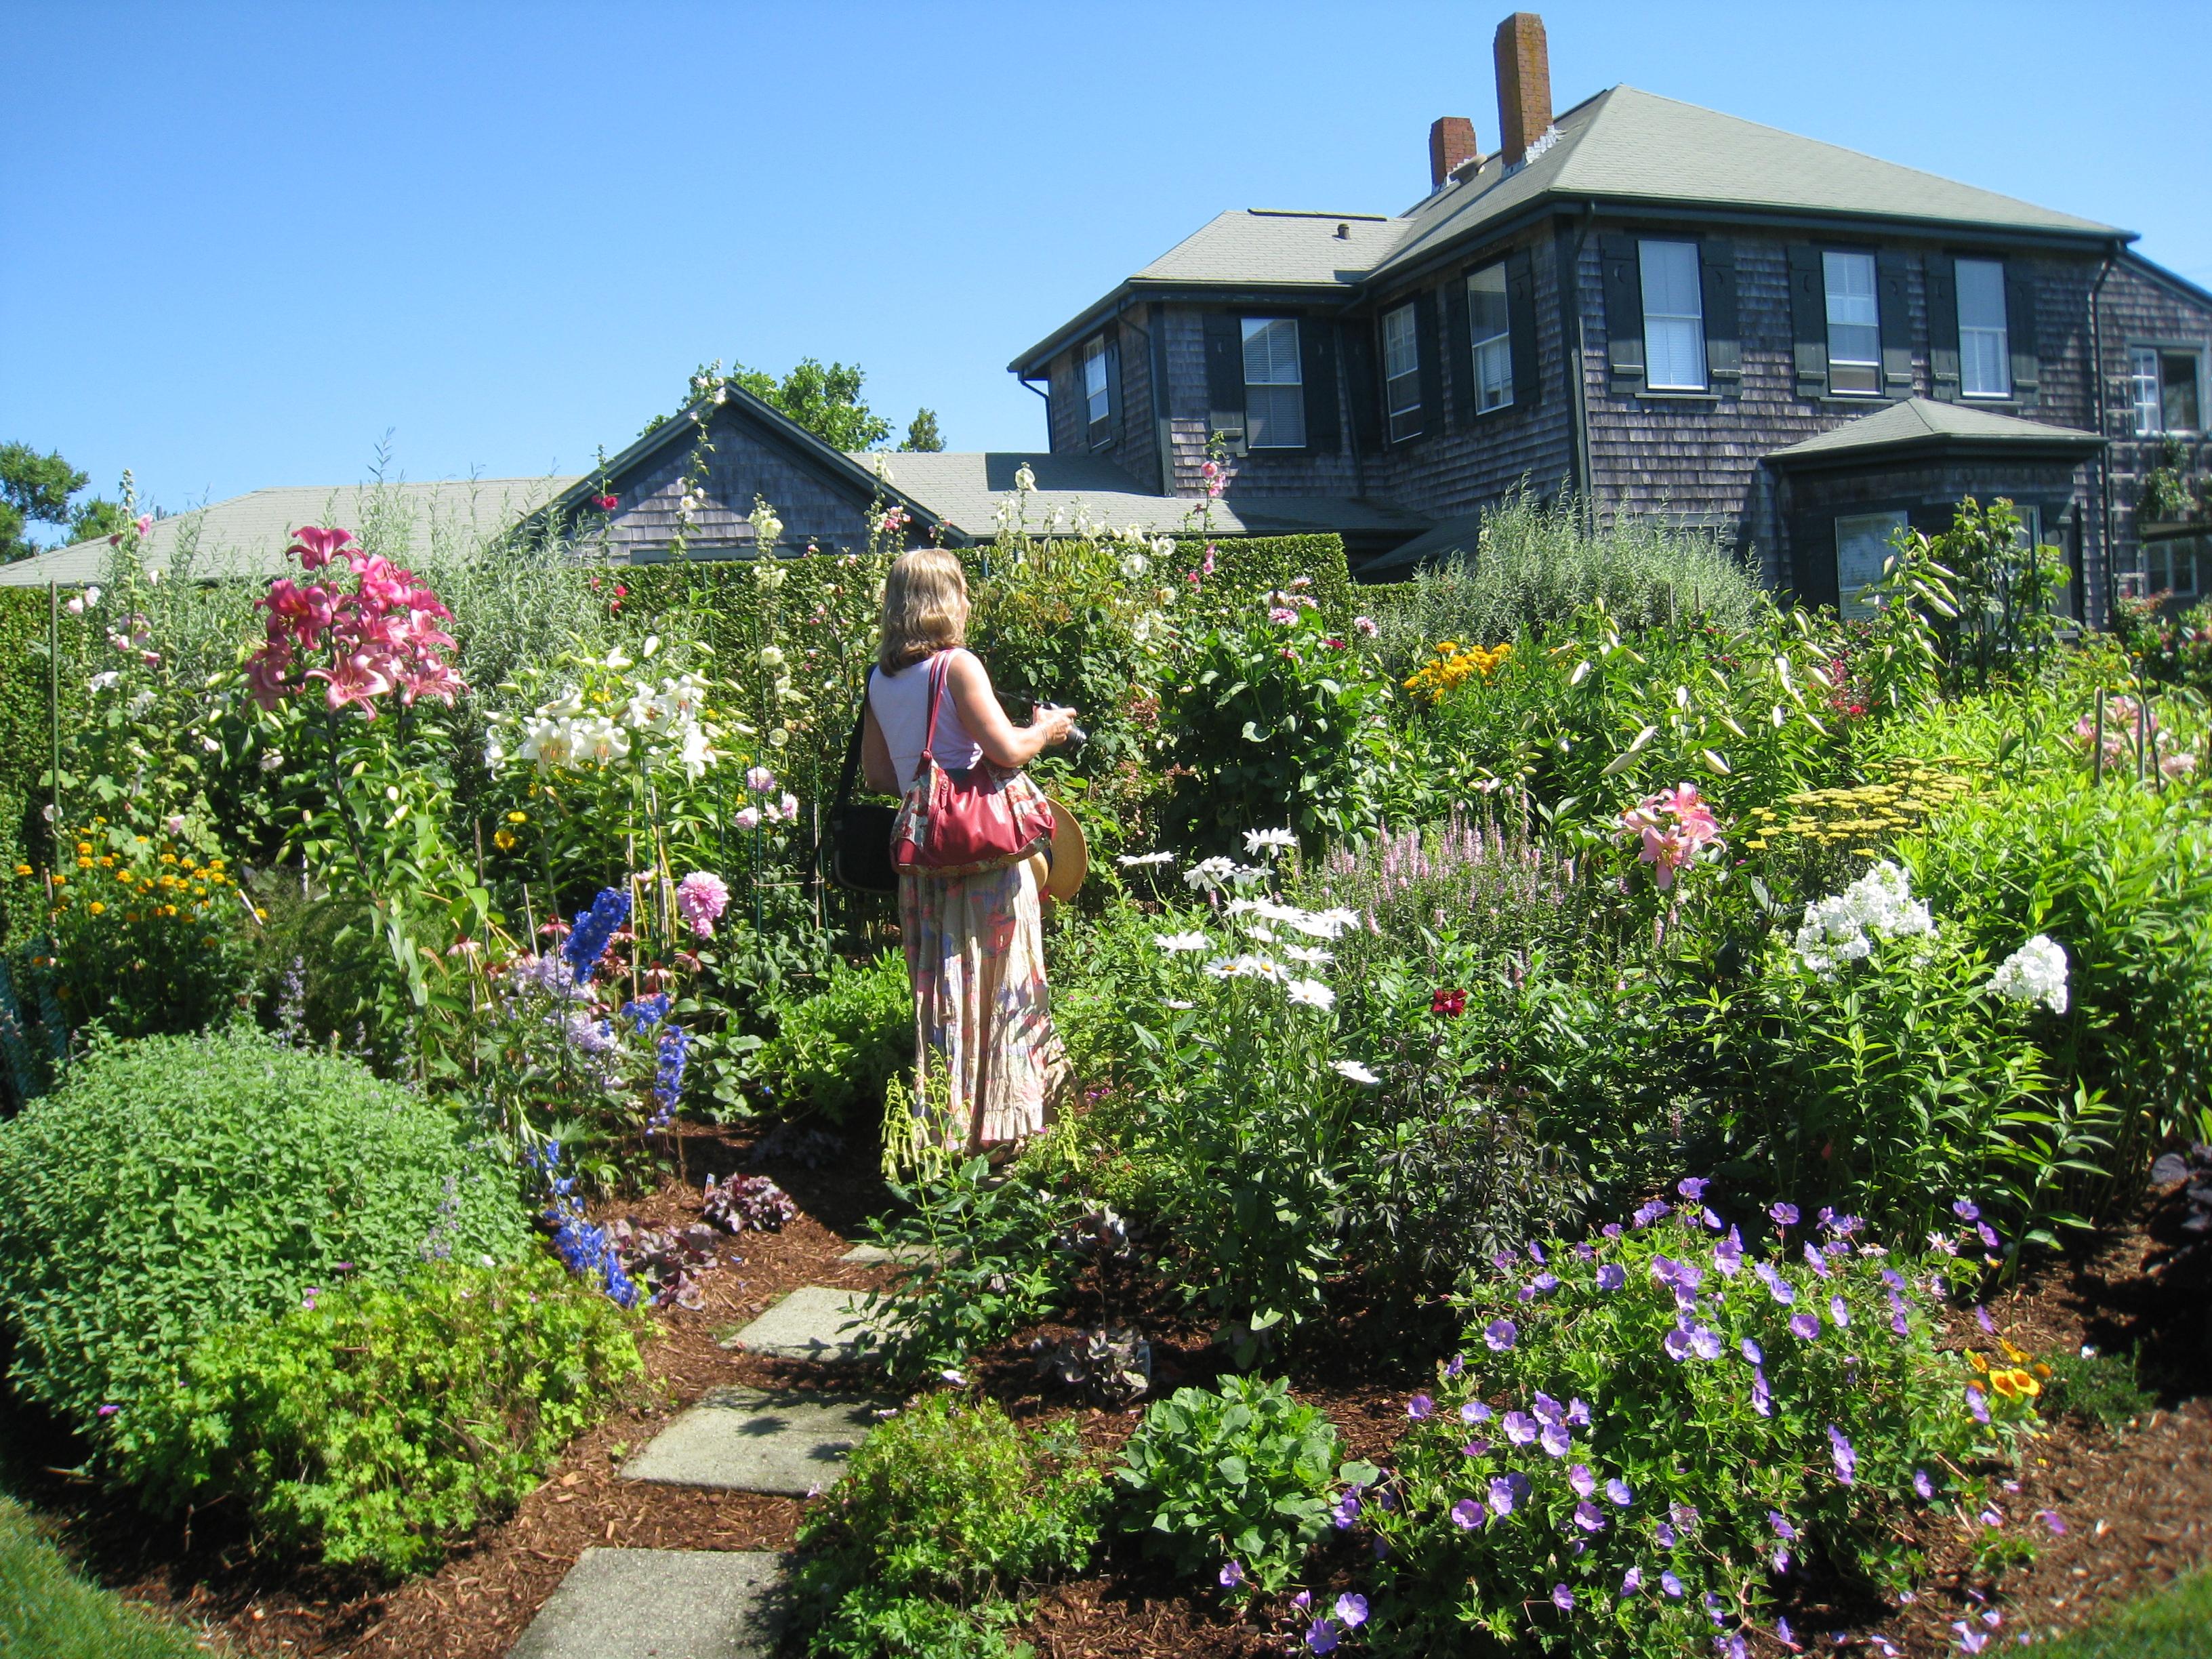 Nantucket House & Garden Tour - Atlantic East Nantucket Real Estate